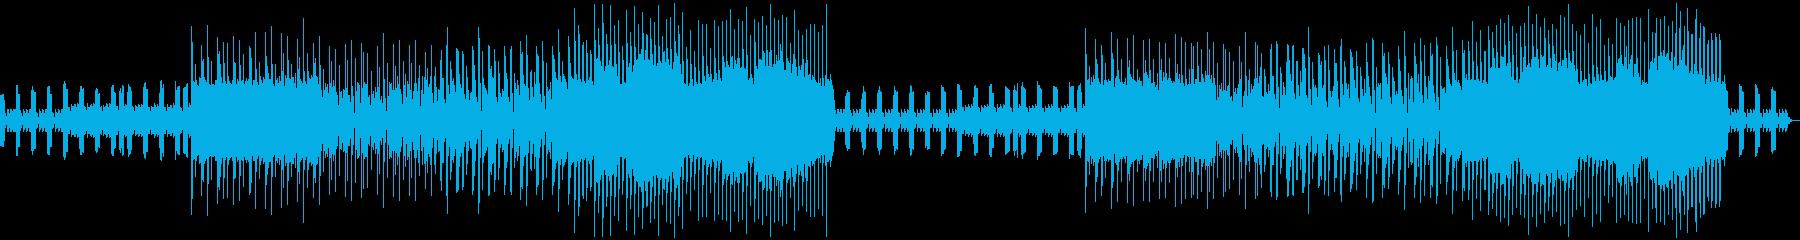 耳に残るピコピコ音のゲーム向きのBGMの再生済みの波形